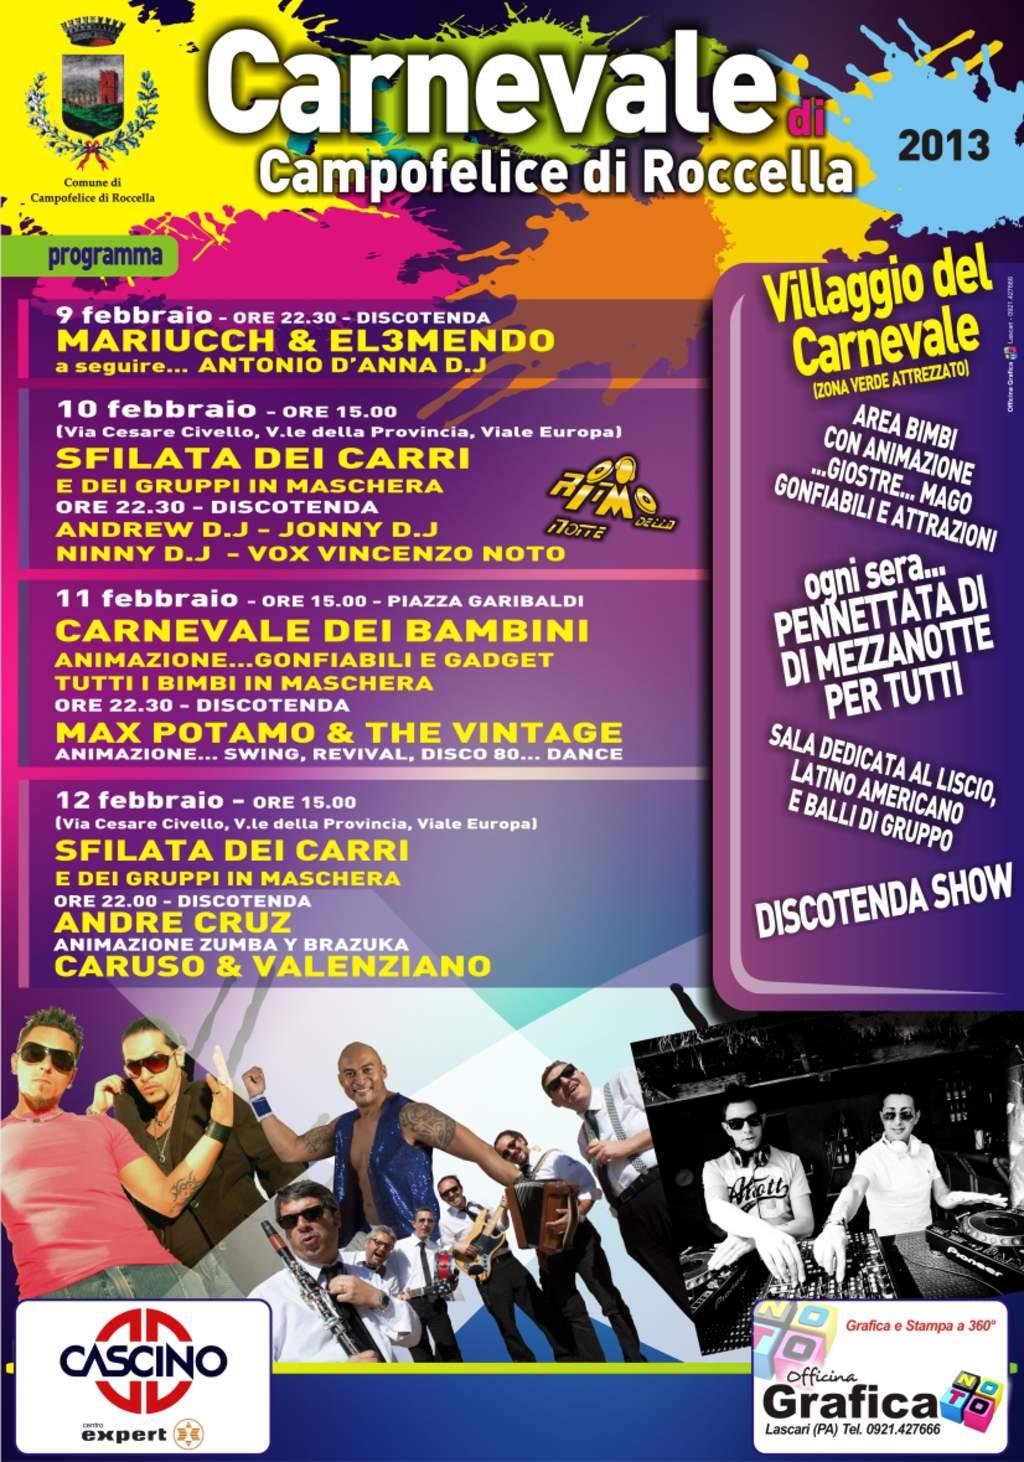 Carnevale Campofelice di Roccella 2013